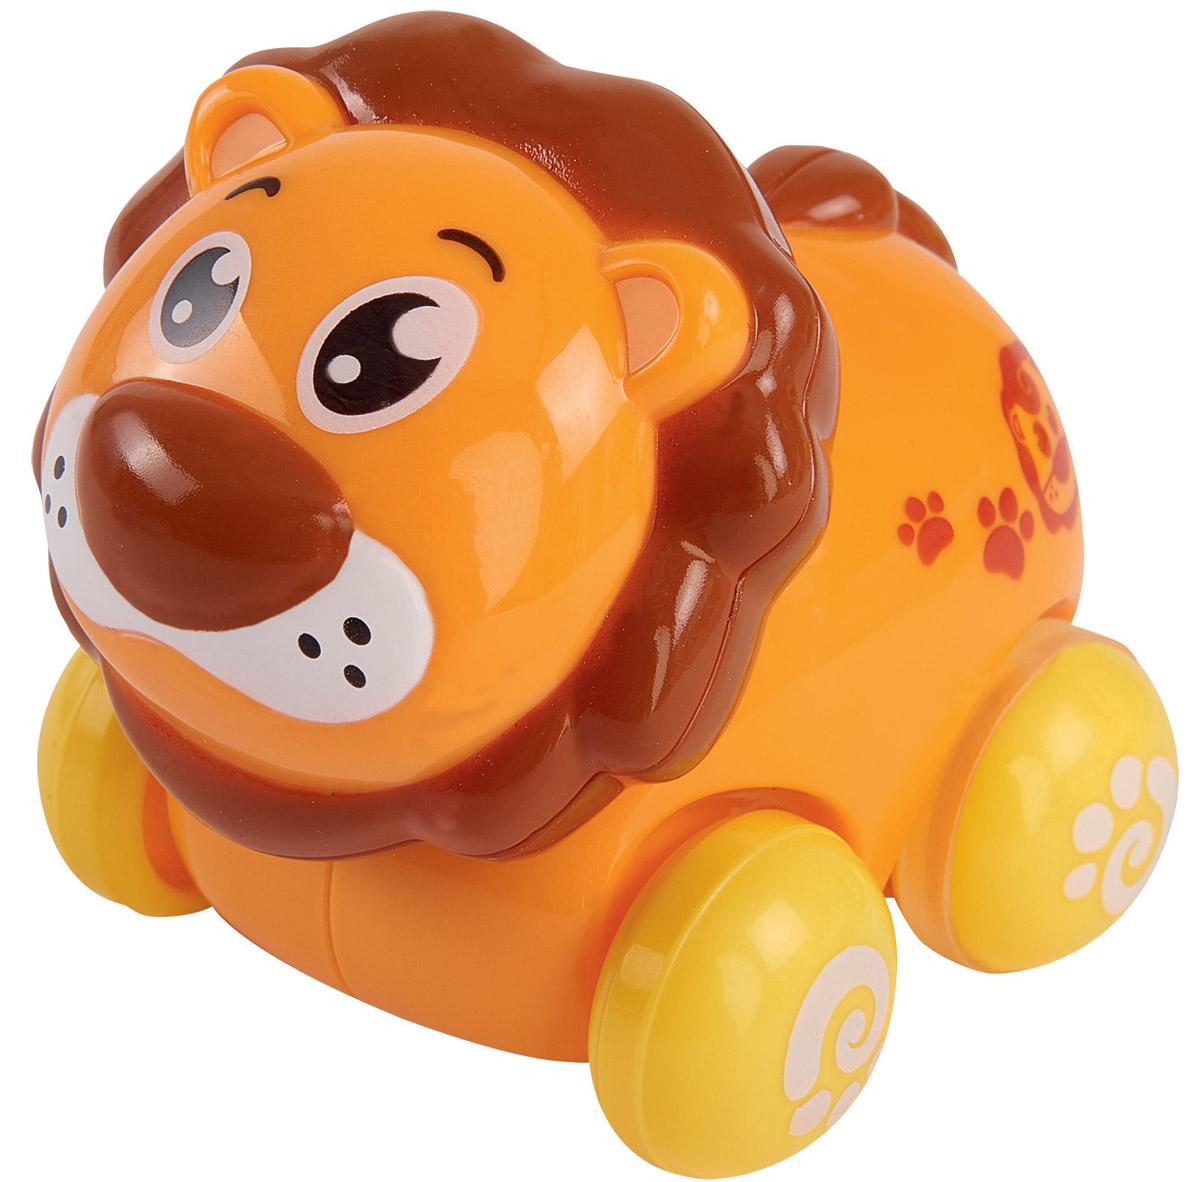 Simba Машинка-игрушка Лев simba машинка игрушка лев